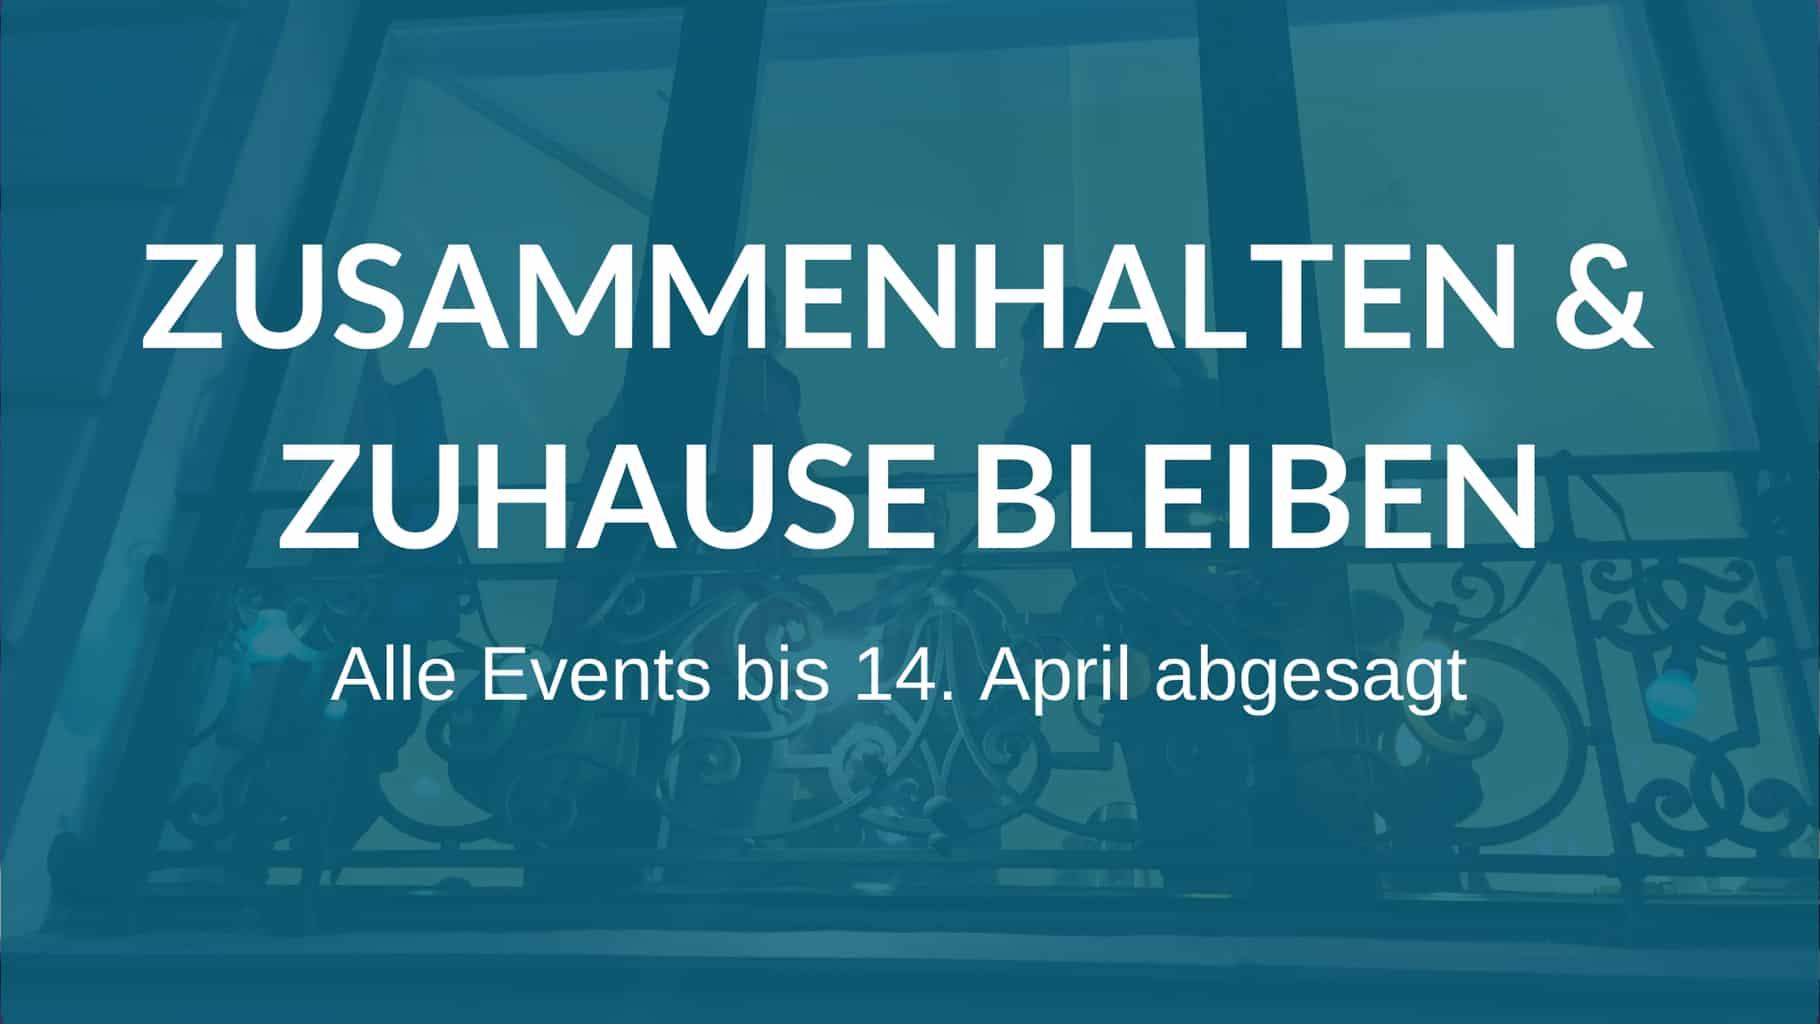 Zuhause bleiben: Keine Events bis 14. April